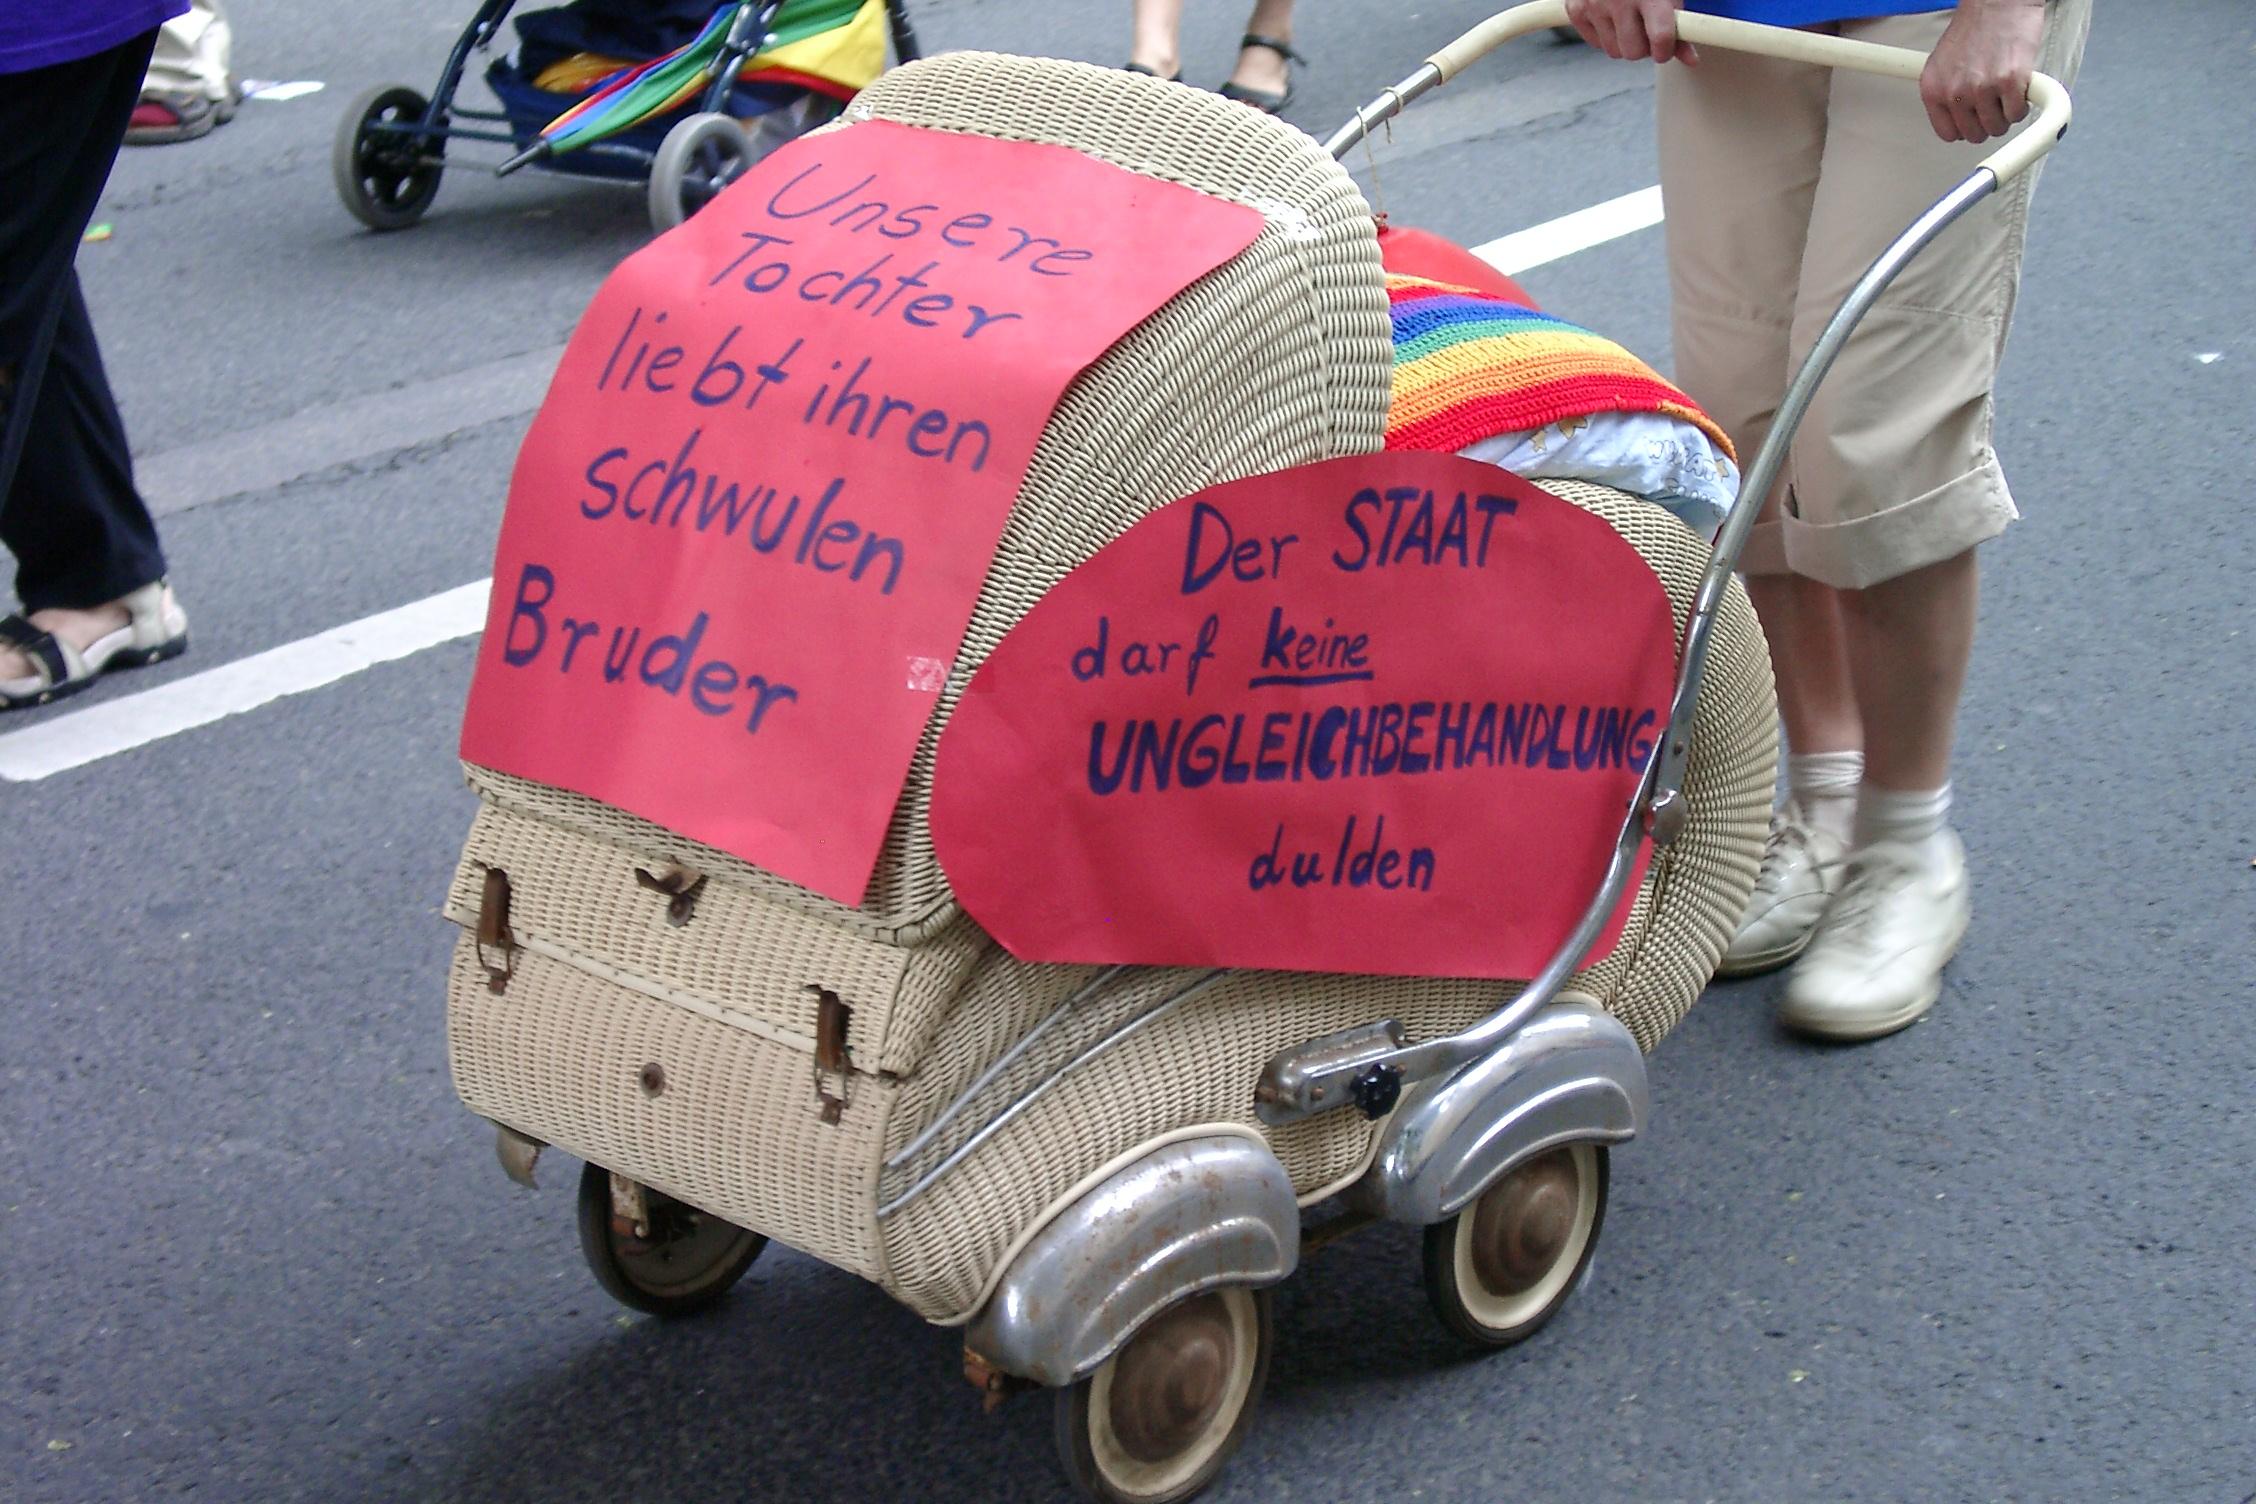 2005-CSD Das waren noch Zeiten...